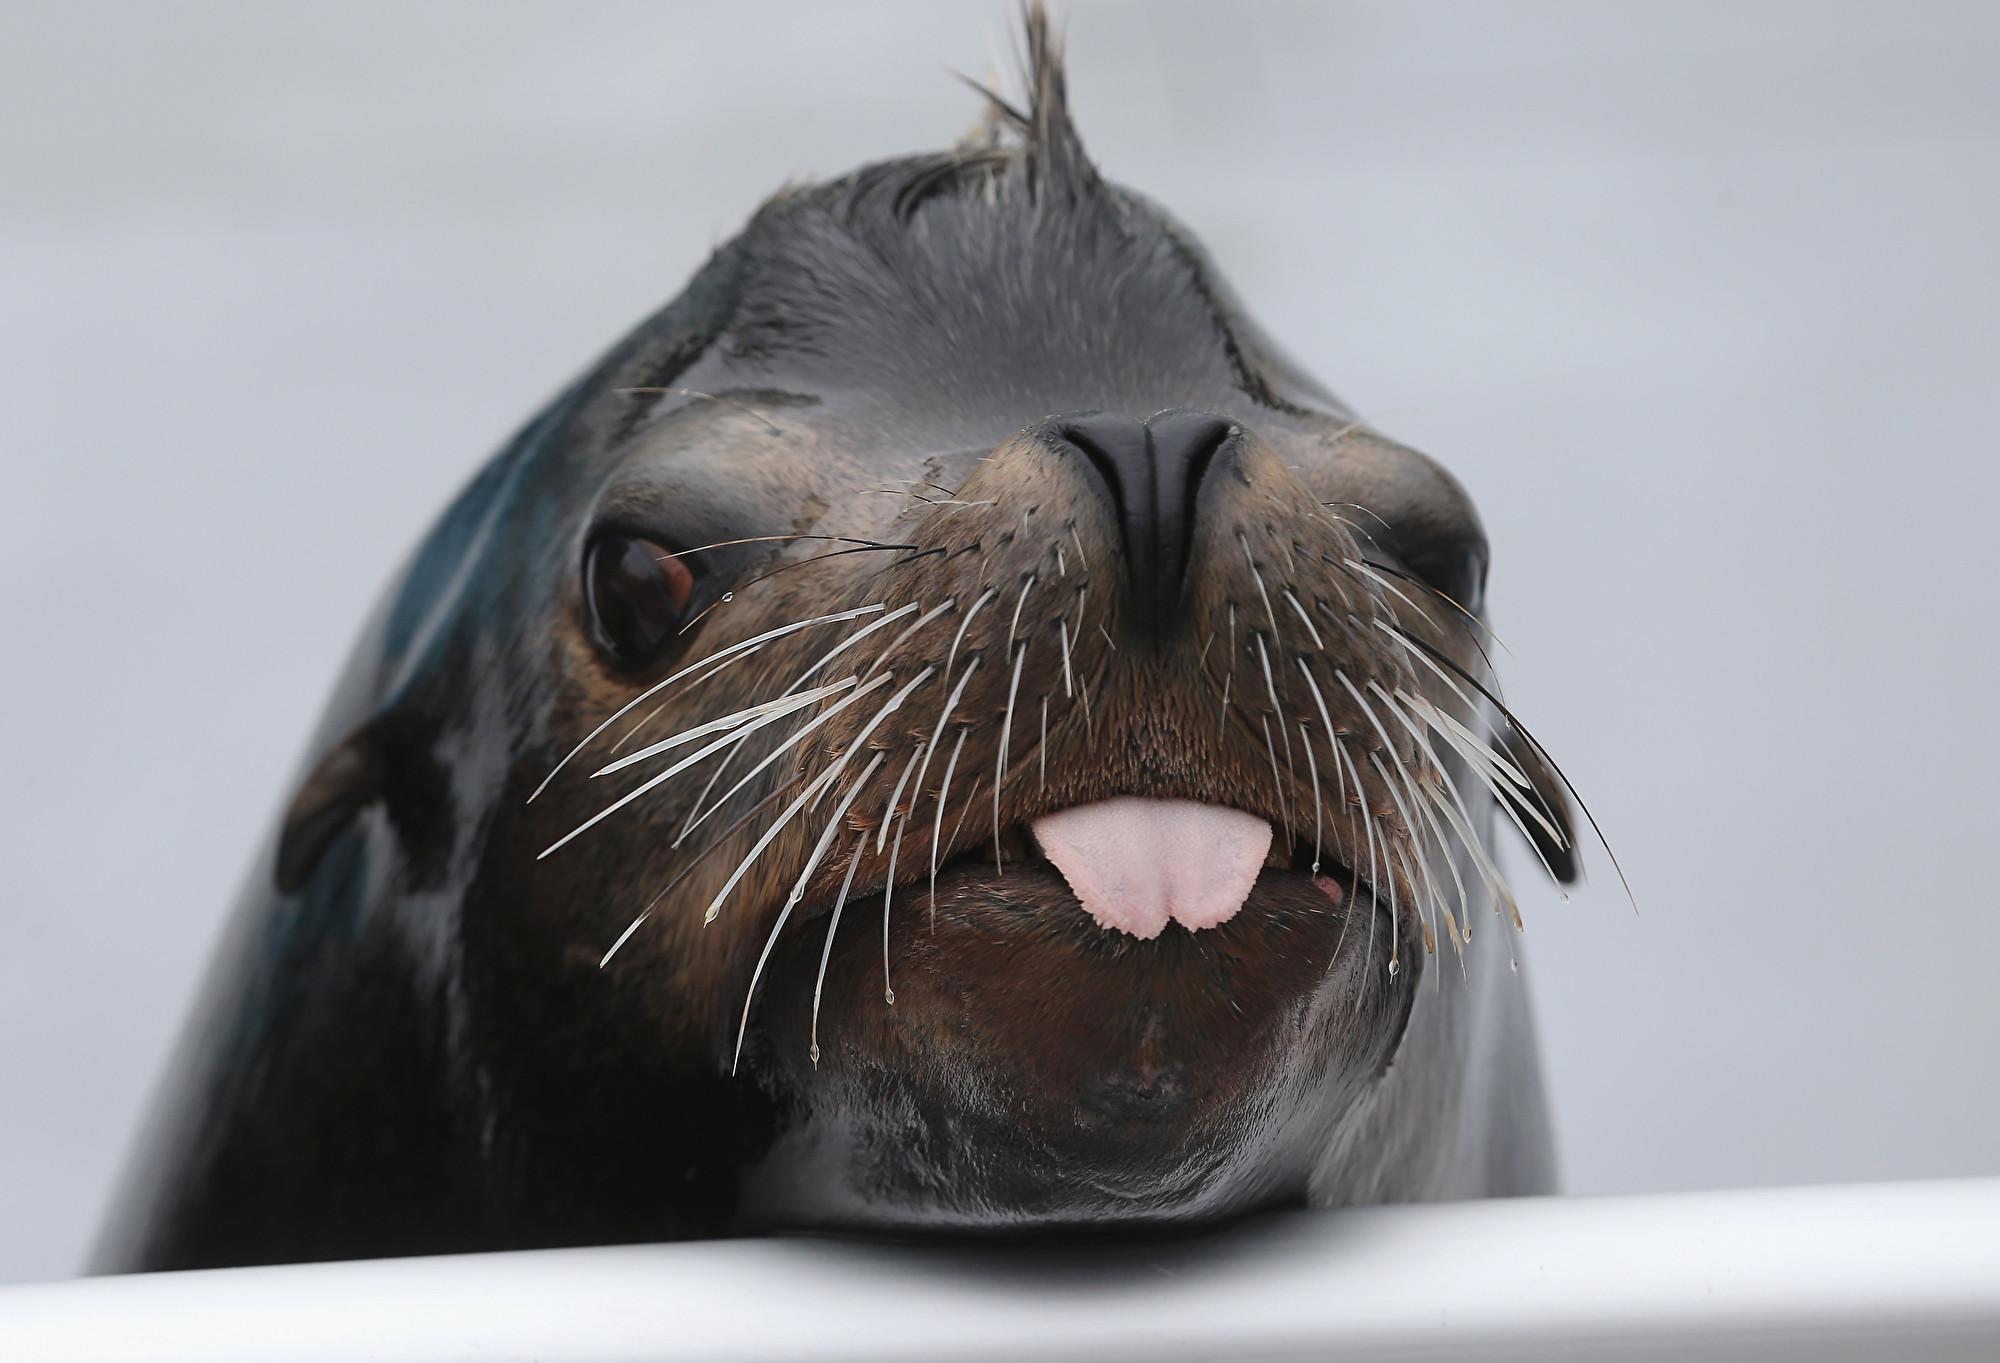 澳洲水族館關閉 海獅充當遊客在館內趴趴走